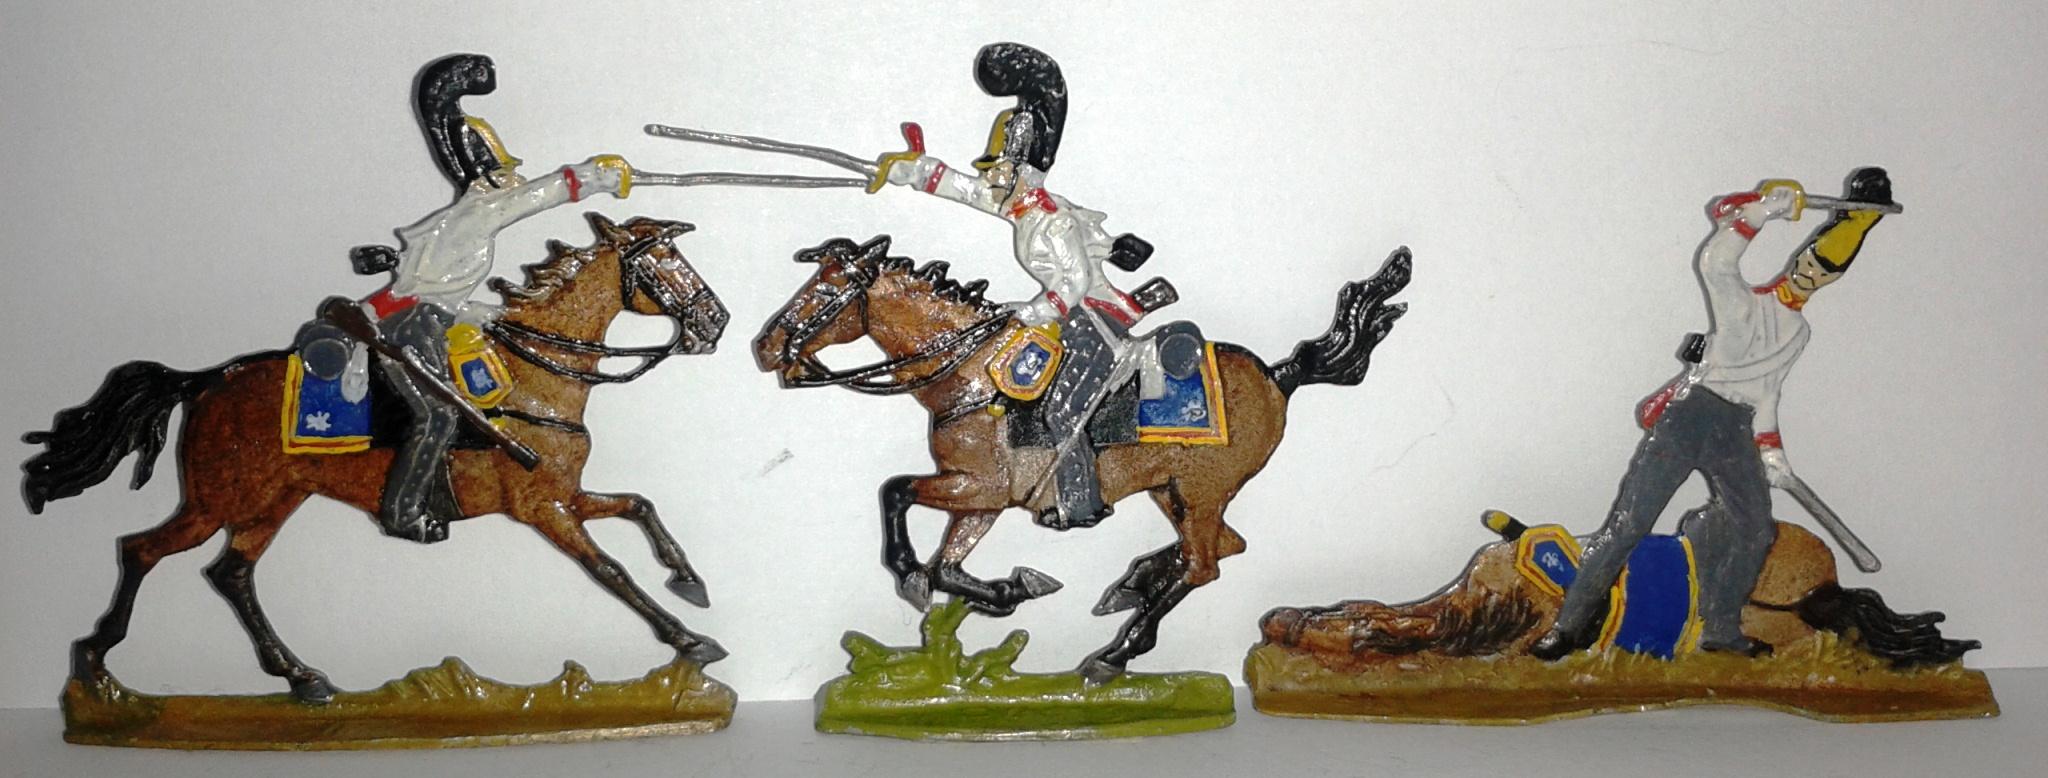 """Історична мініатюра. """"Гвардійці Лейб-гвардії Кінного полку. Російська імперія. Поч. ХІХ ст."""". (20 од.)"""